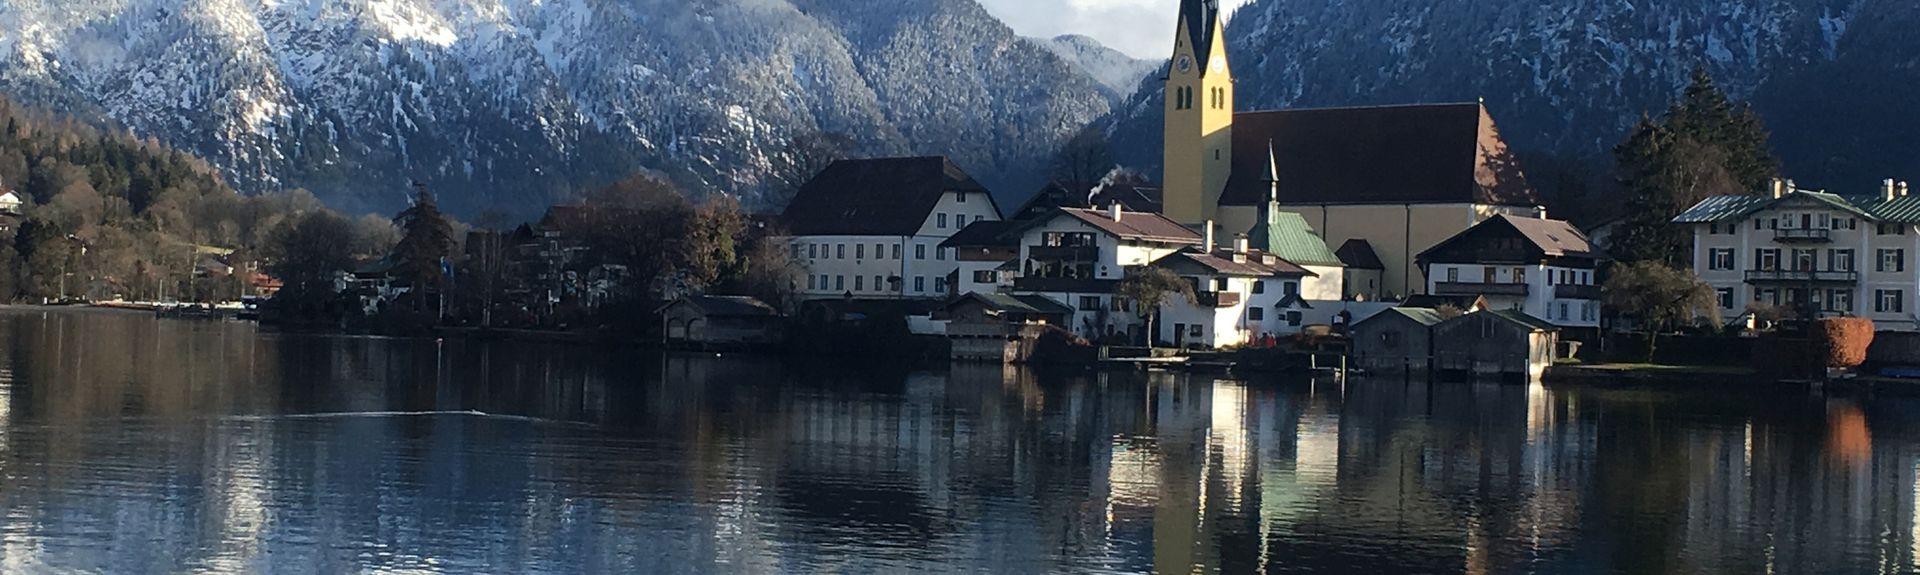 Egern, Tegernsee, Bavaria, Germany